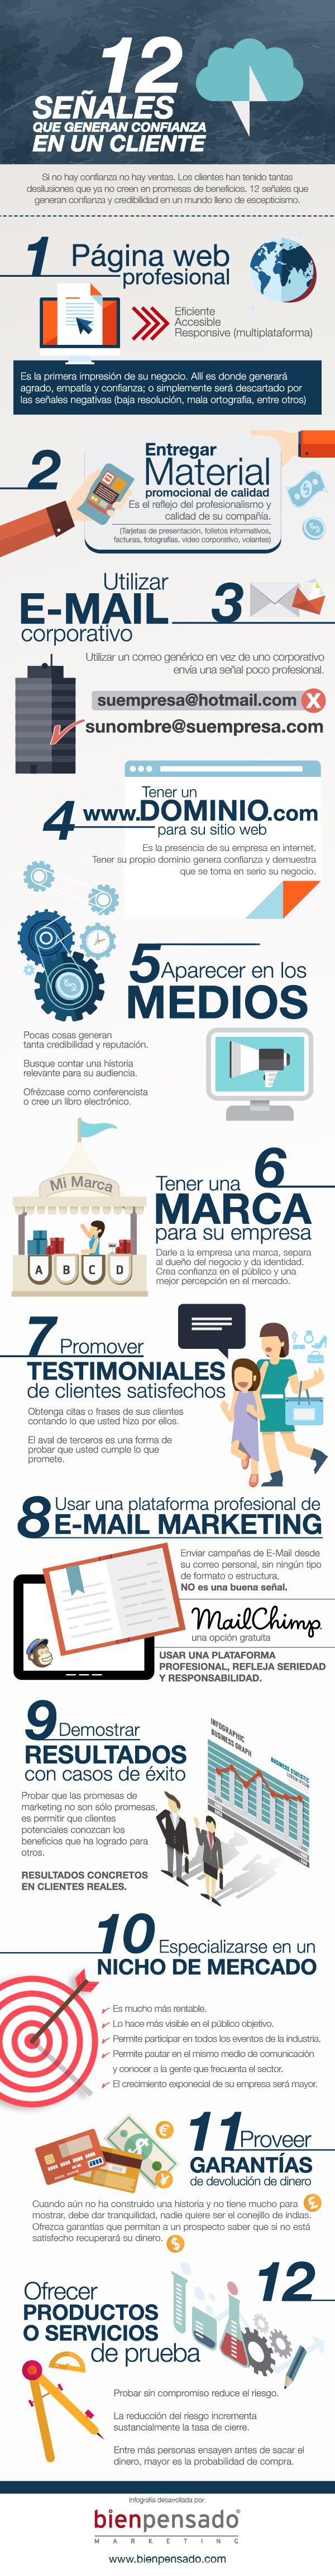 12 señales que generan confianza en un cliente #infografia